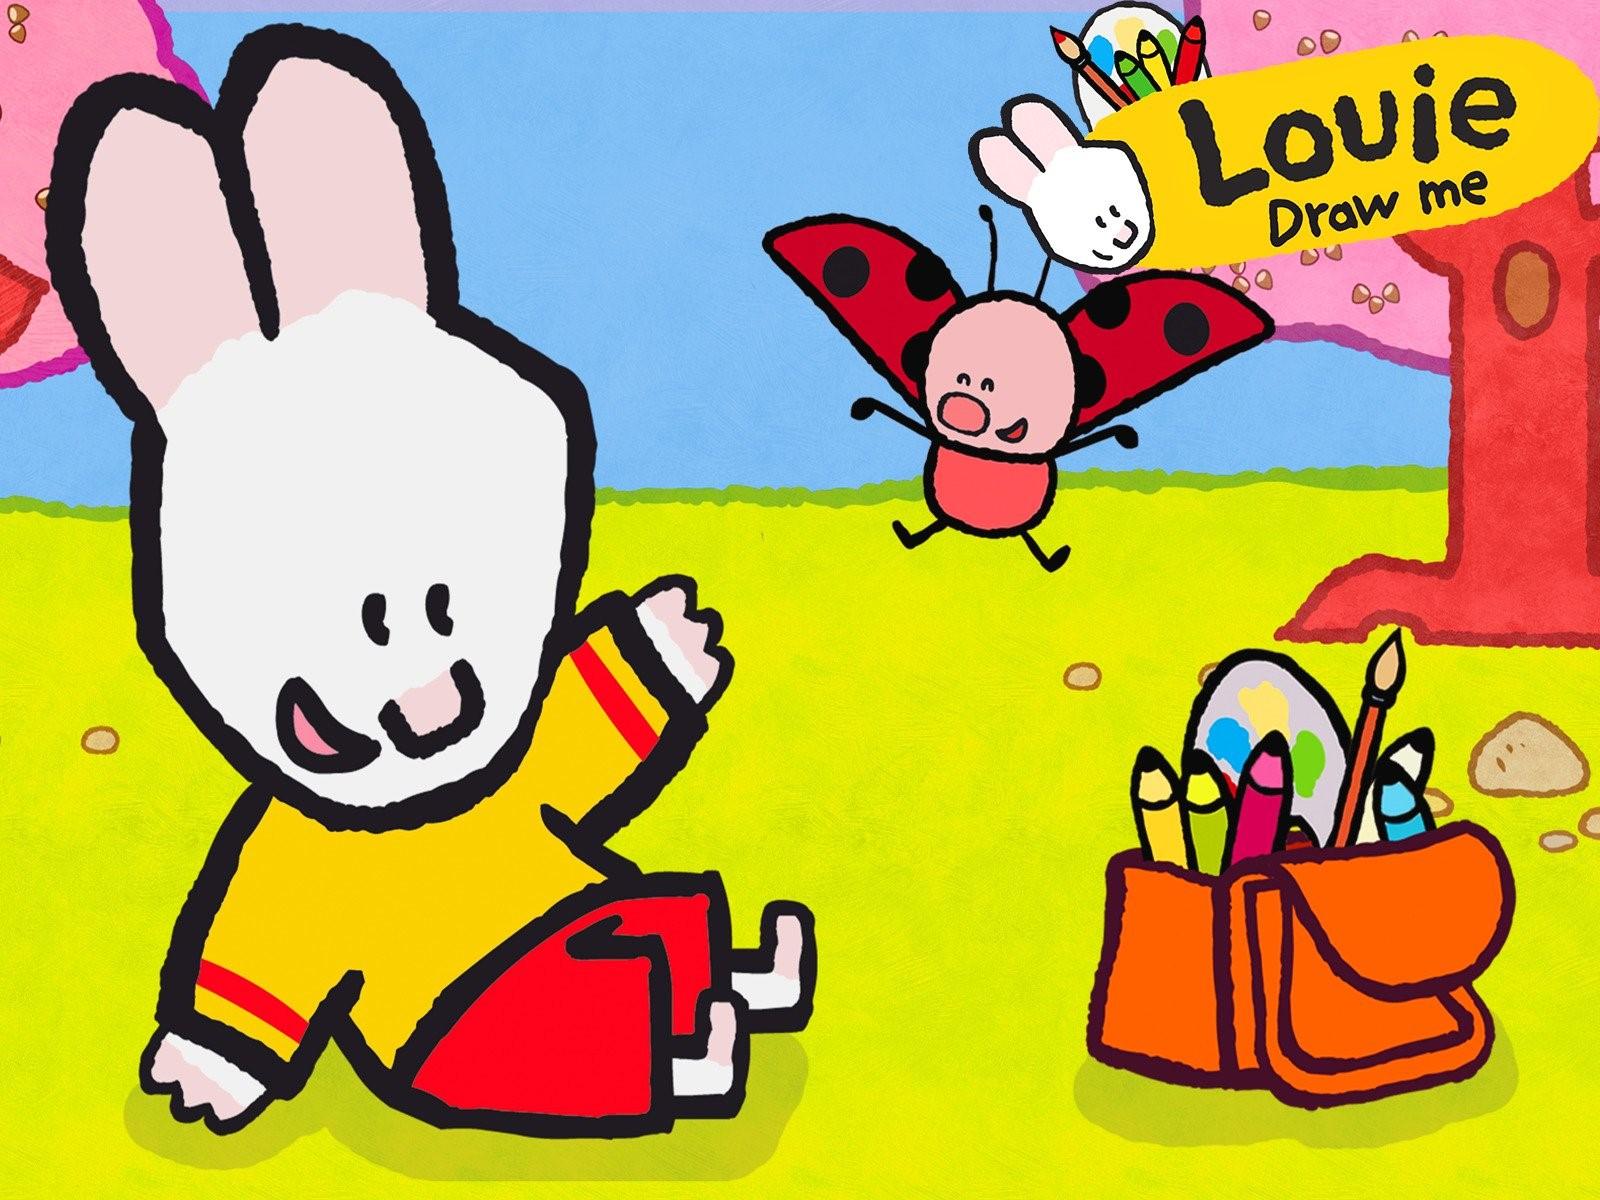 نقاشی بكش لويی draw me a picture louie